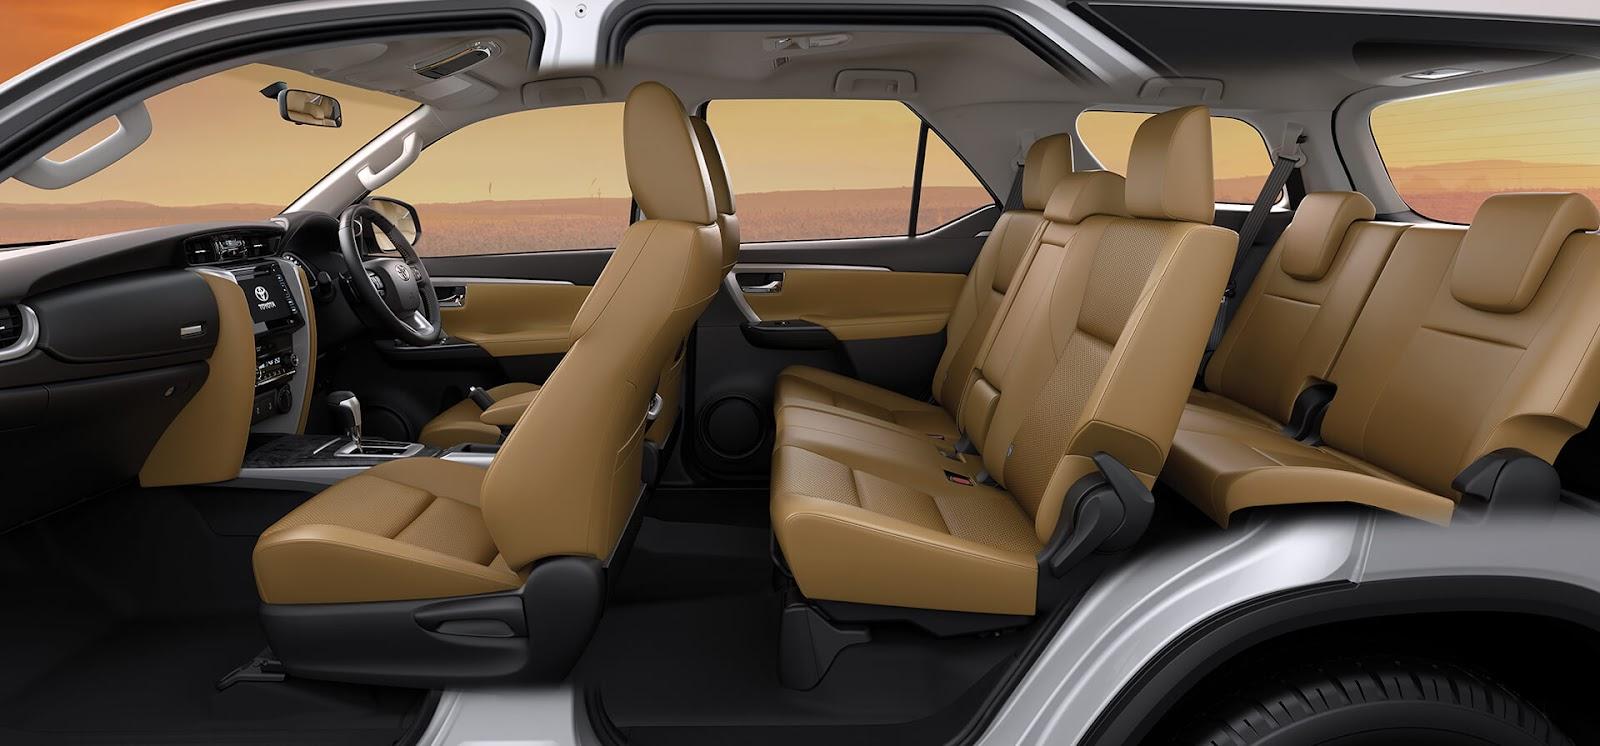 Toyota Fortuner interior image